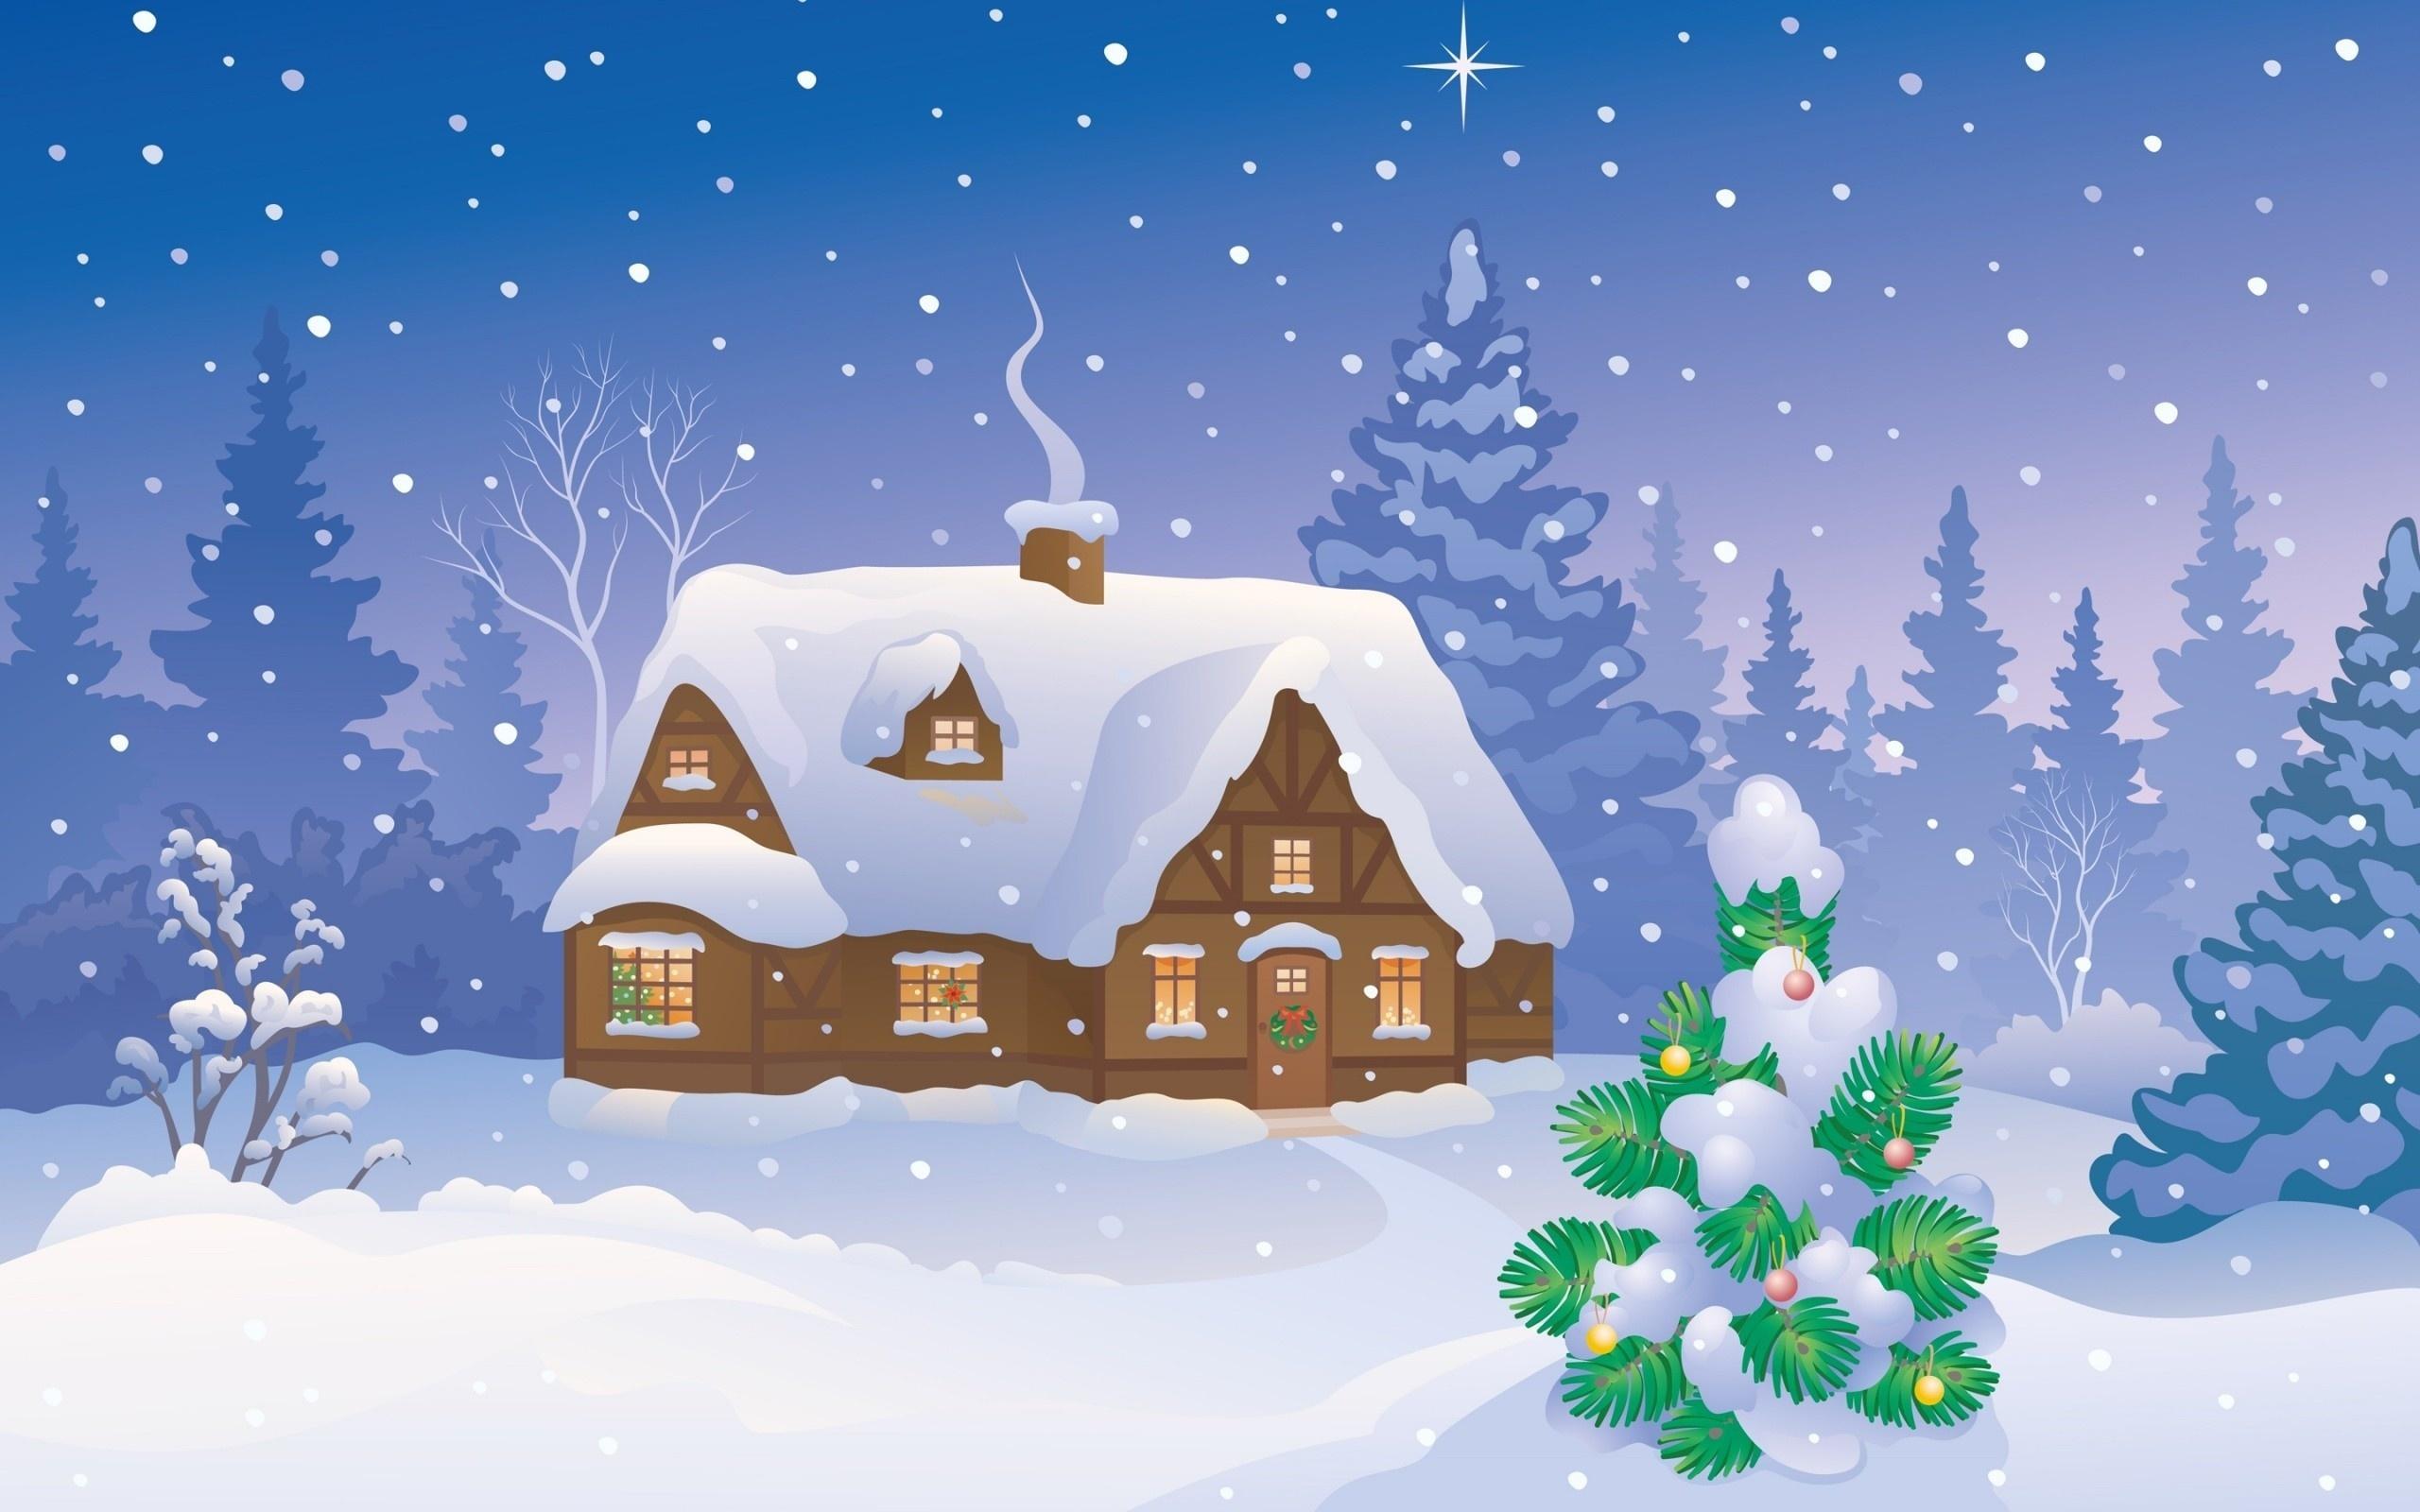 снежные домики картинки меня заинтересовал еще